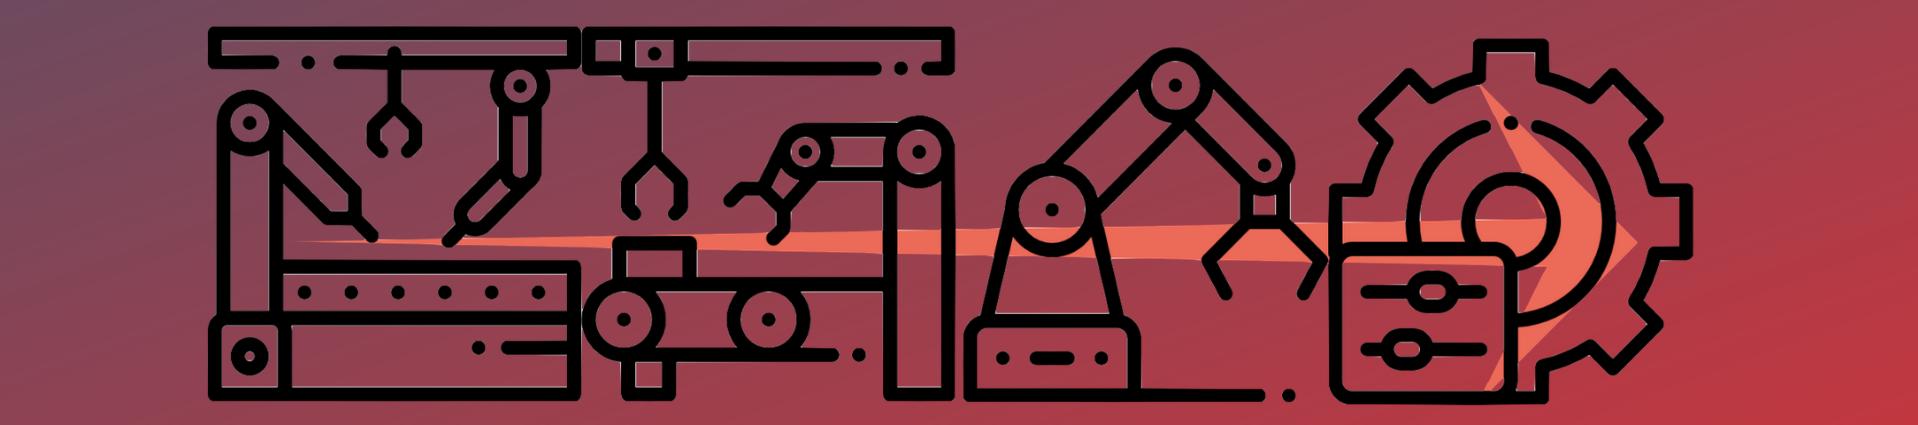 Icônes automatisation et robotique